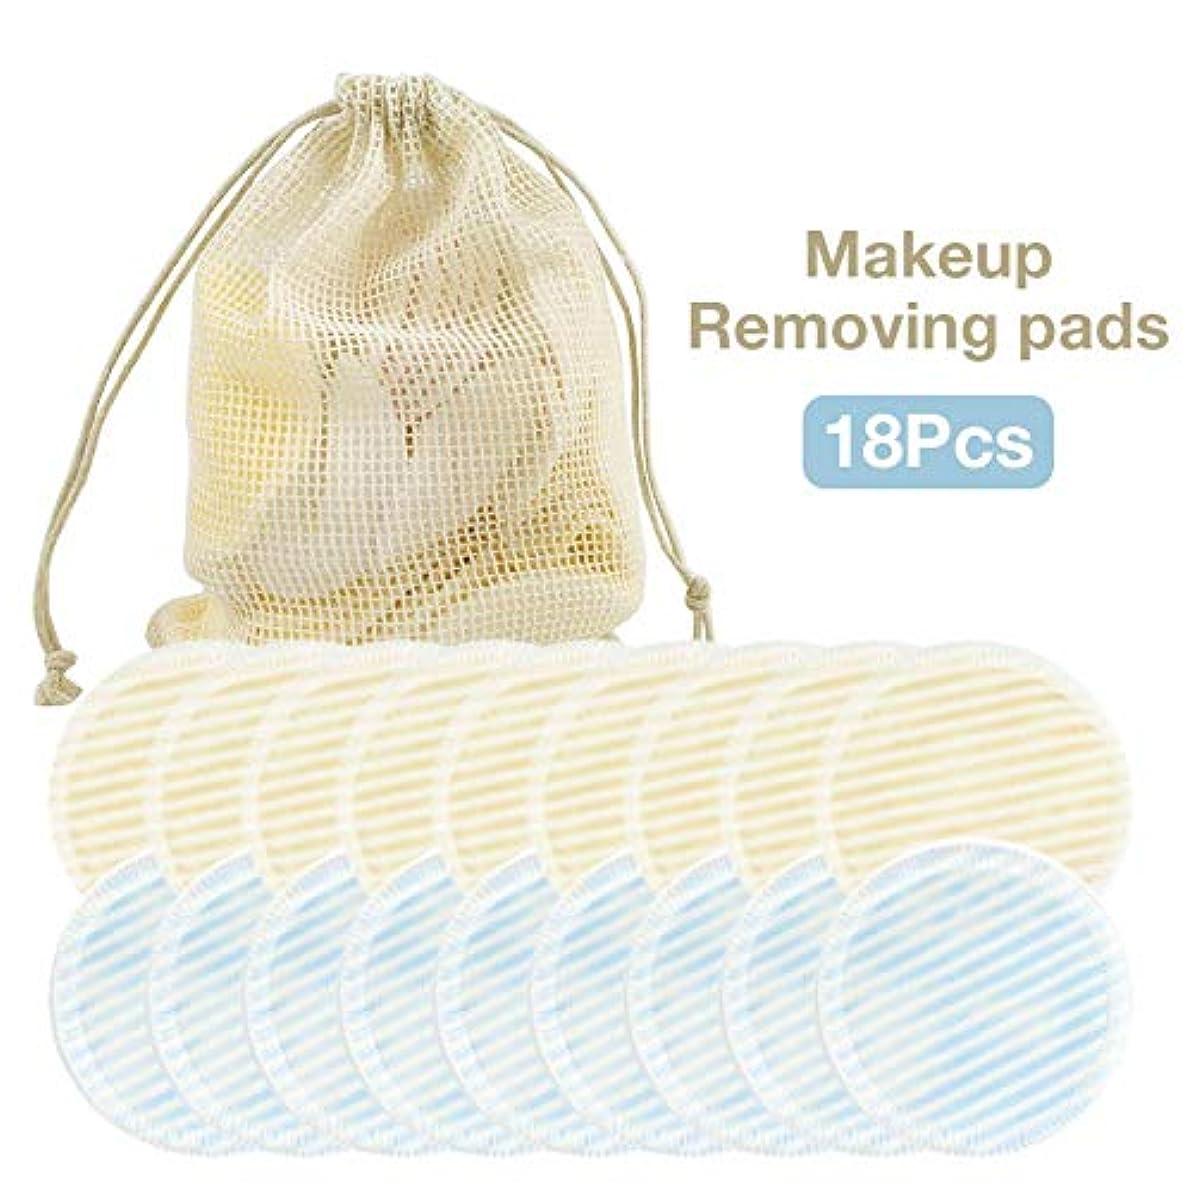 夕食を食べる柔らかい足急降下化粧パッド 化粧除去コットンパッド 繊維素材 柔らかい 持ち運びが容易 使いやすい バッグ付き 再利用可能 18個パッド